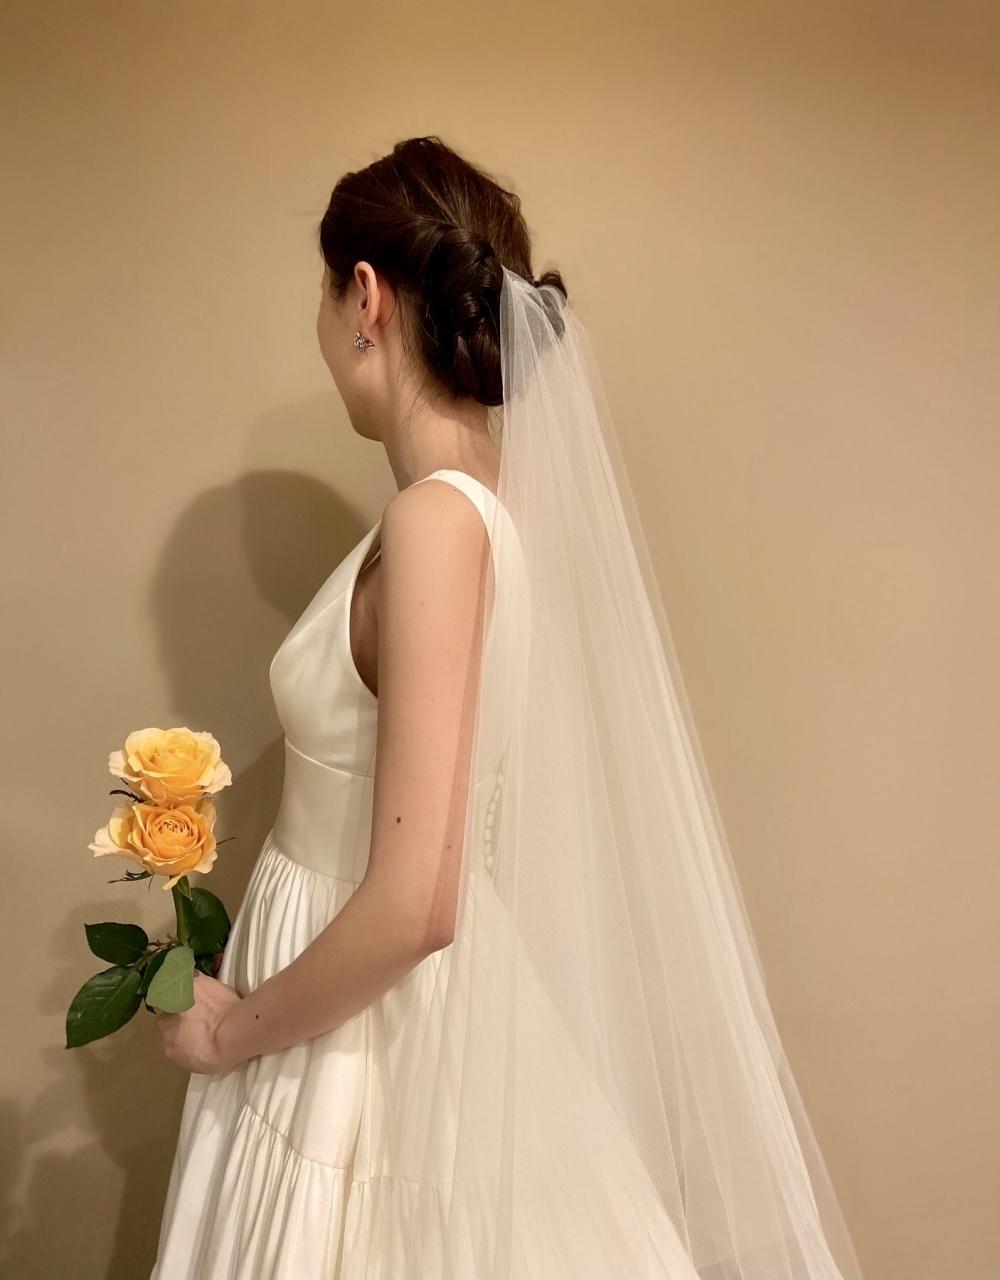 ザ・トリートドレッシング福岡店でお取り扱いのある、シルクタフタ素材が軽やかなAラインのウェディングドレス